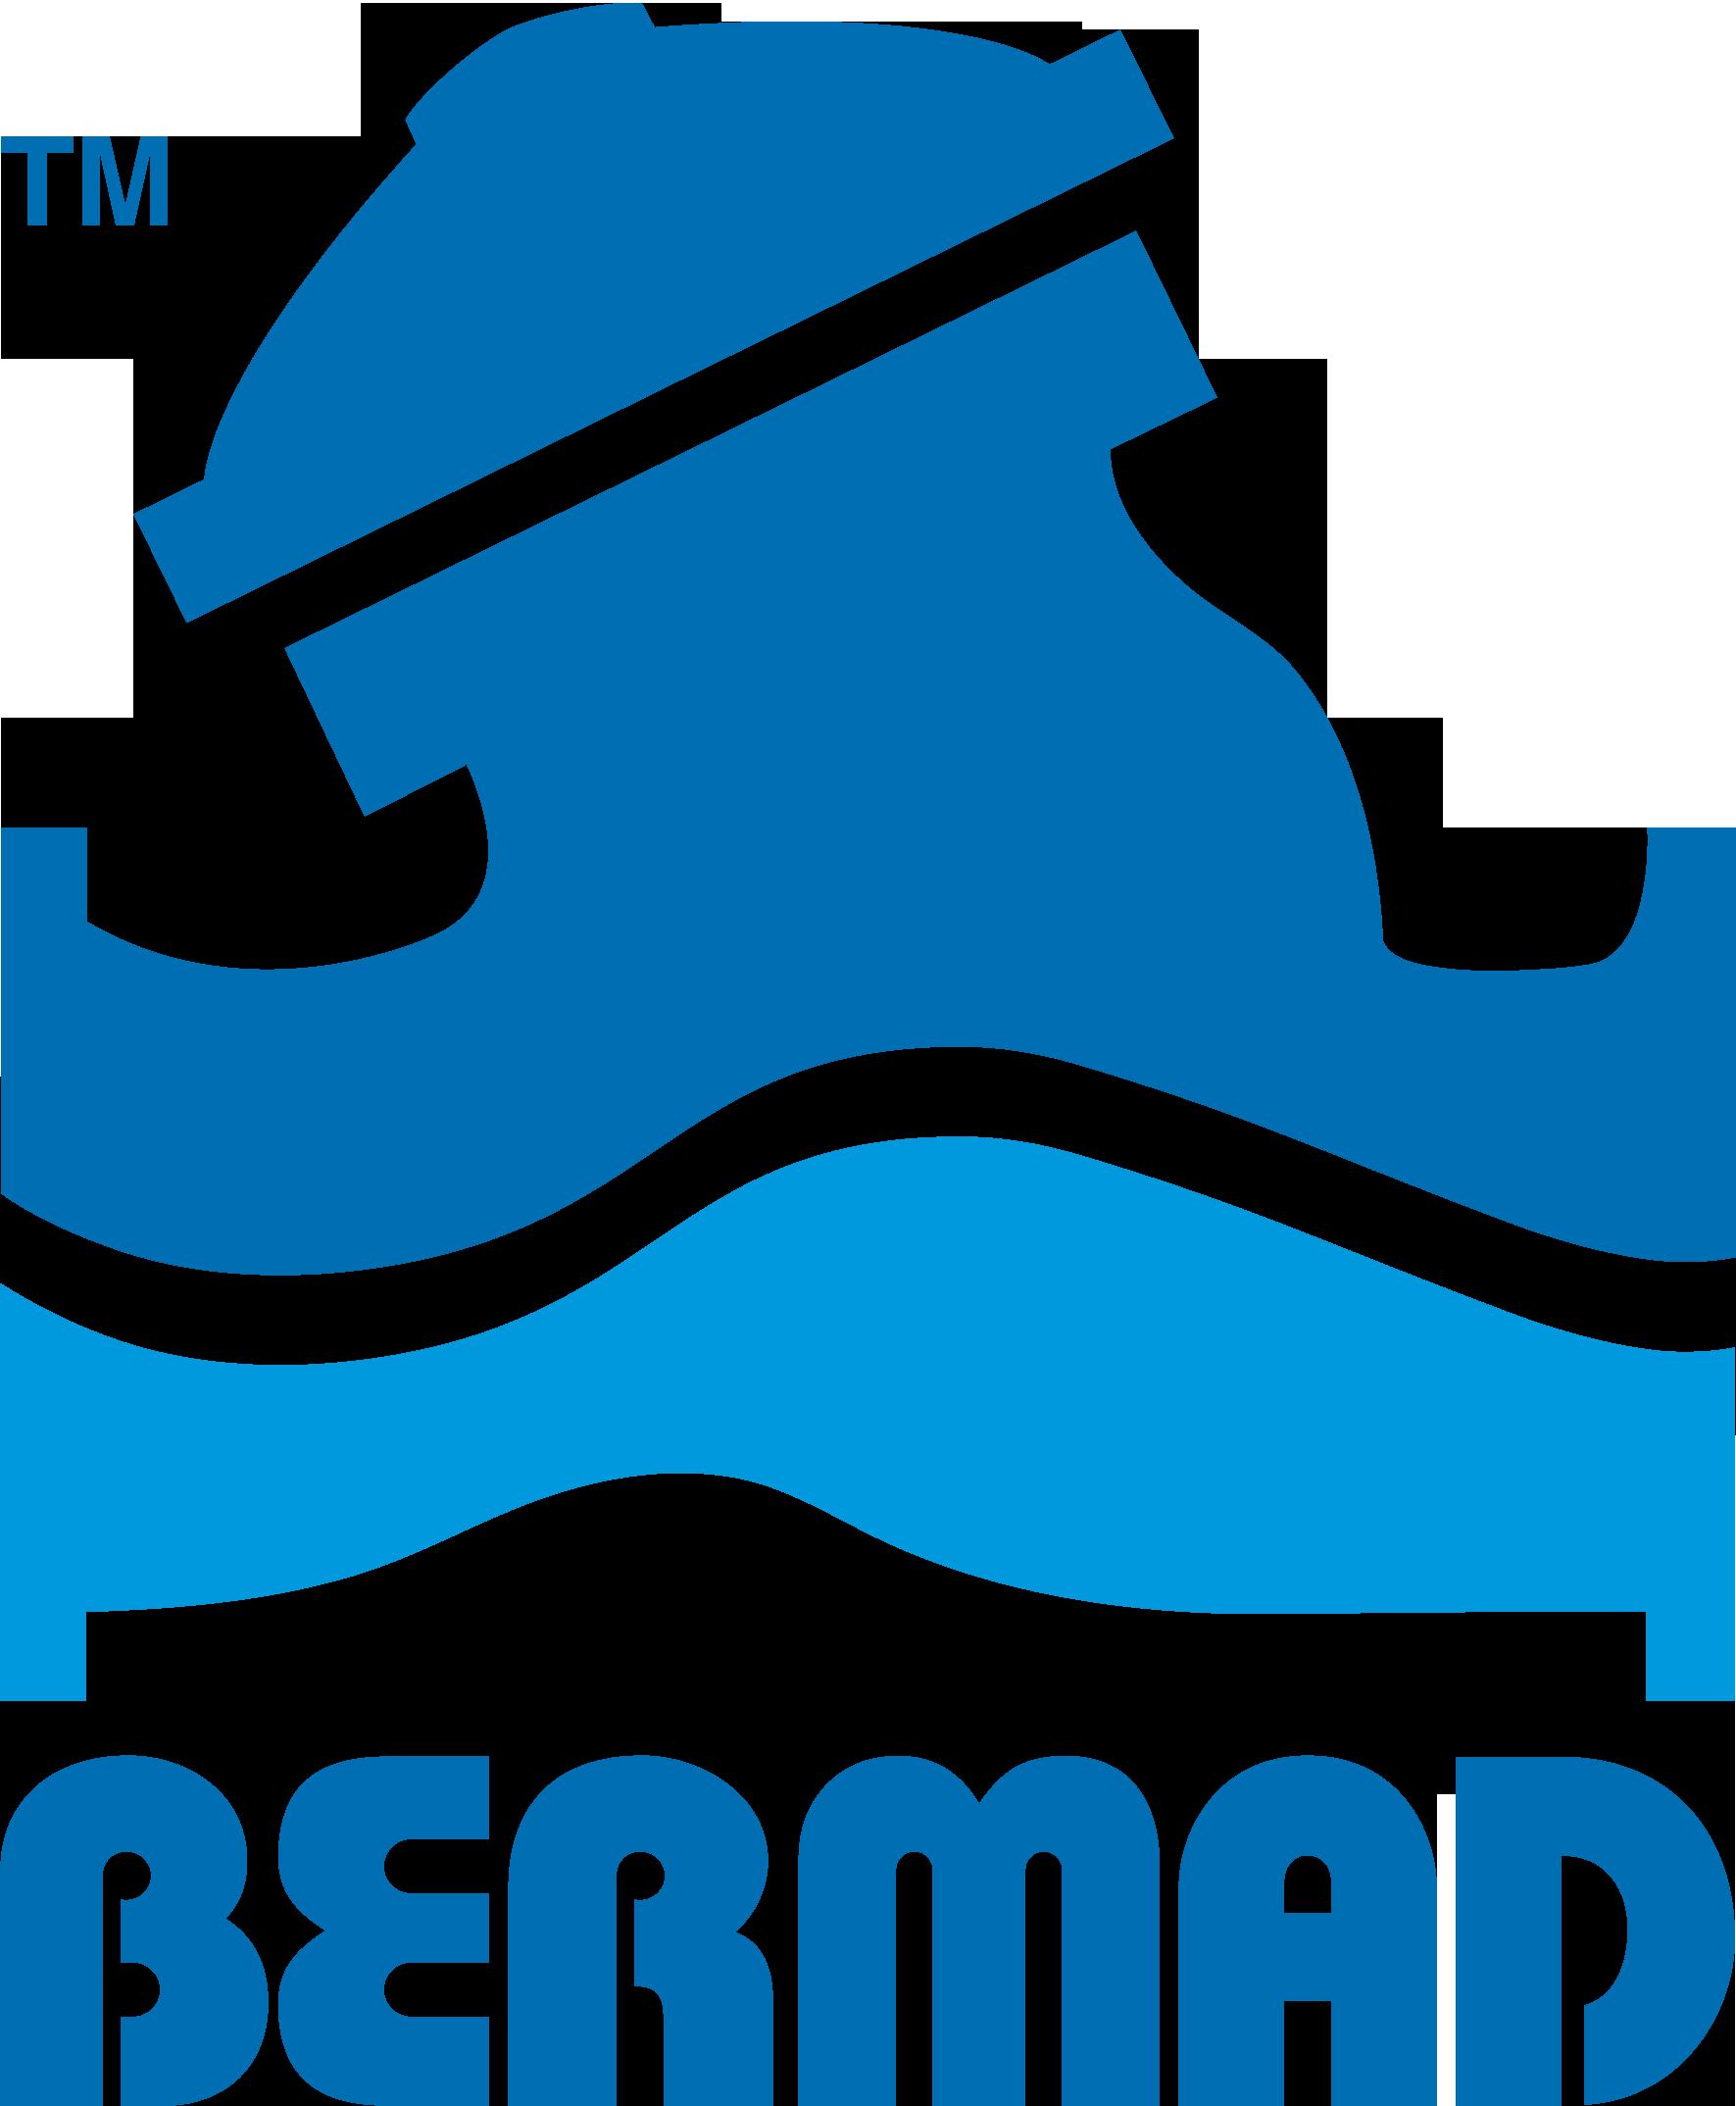 BERMAD C.S.